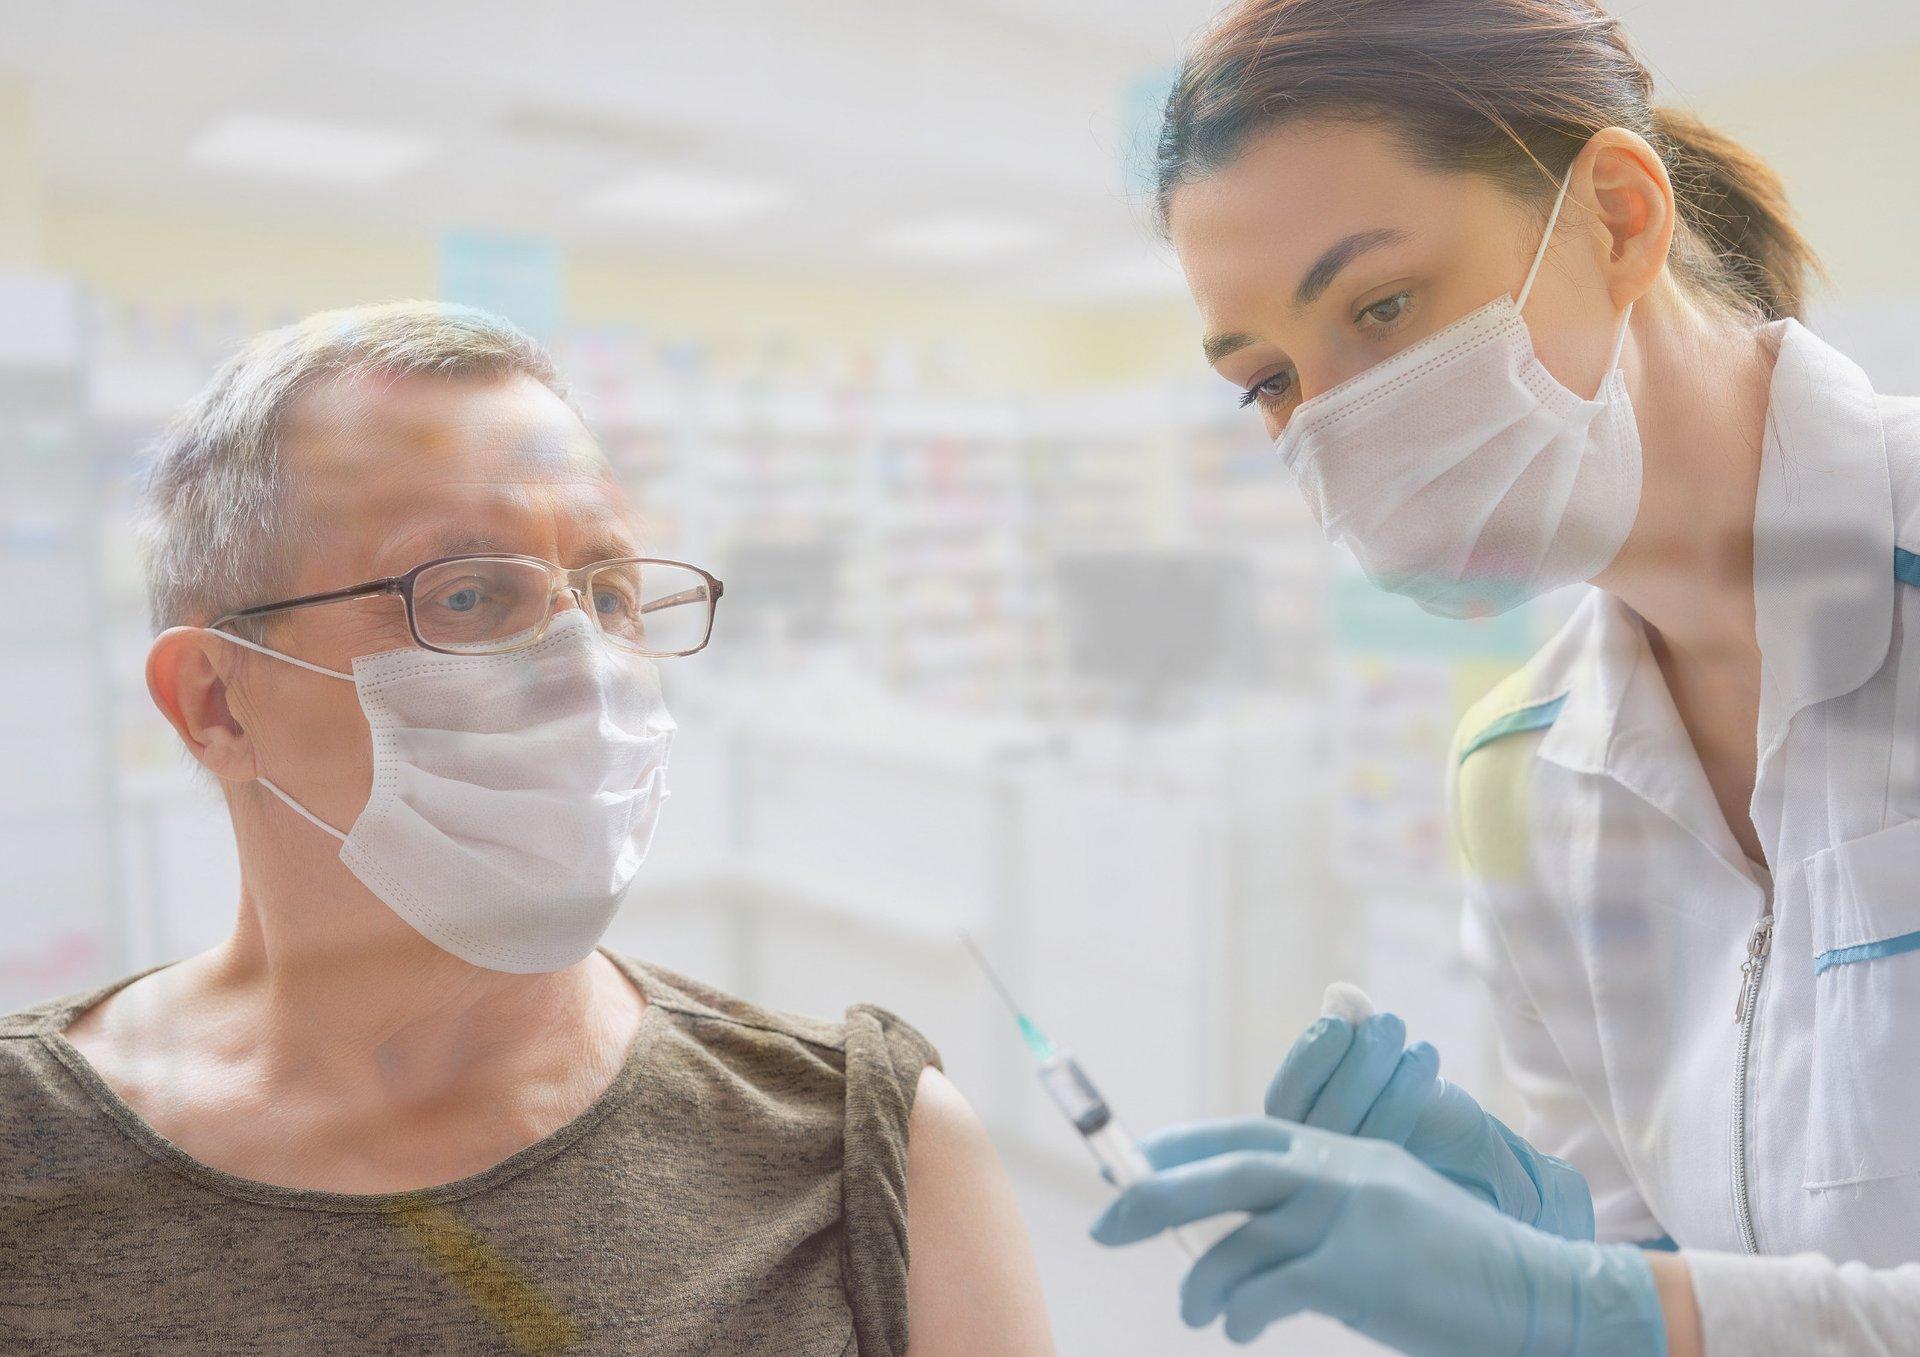 Aptekarze szczepią już w aptekach. Blisko 400 punktów w całej Polsce [ANKIETA]